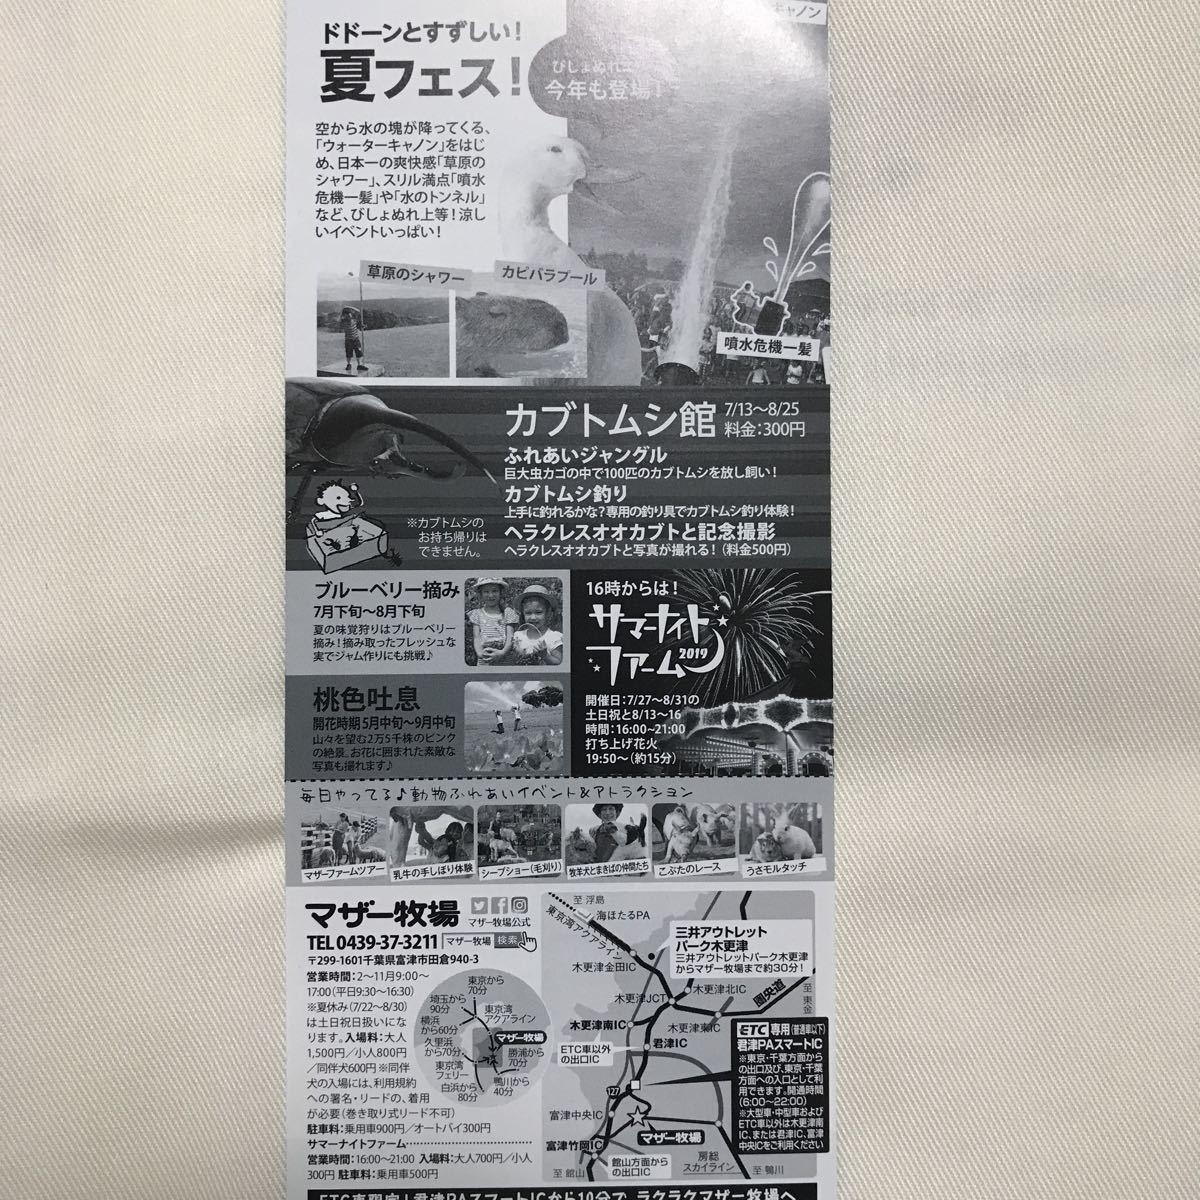 マザー牧場 入場ご招待券4枚セット 有効期限:2019年9月30日(月)_画像2